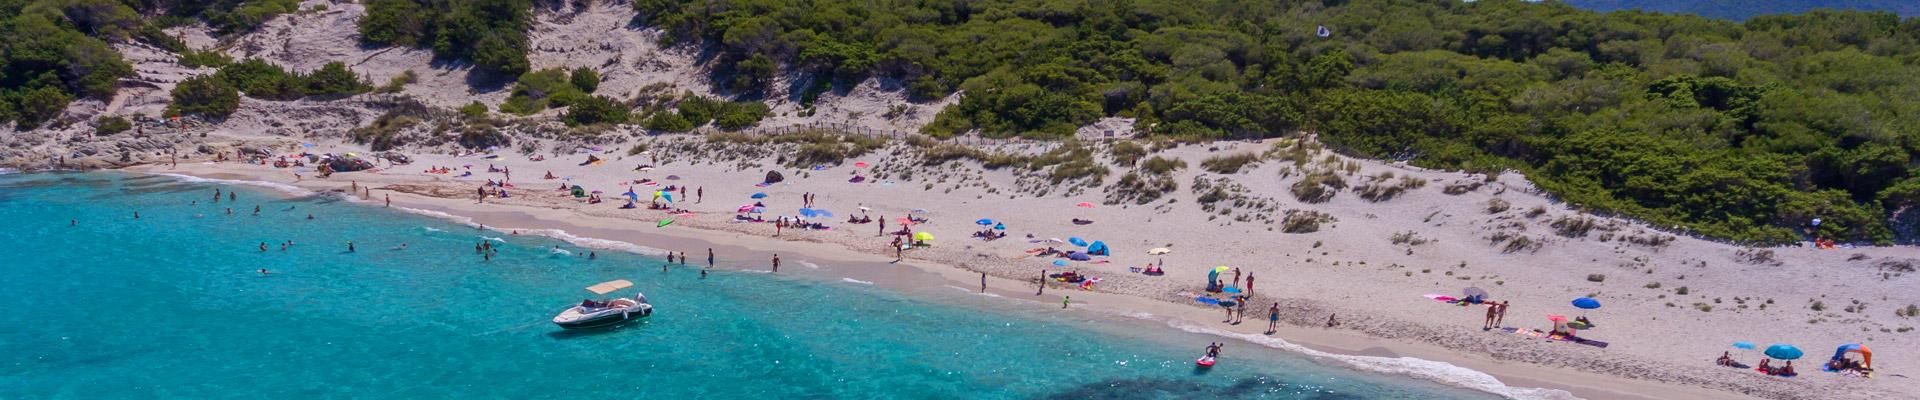 Slider Camping Korsika Strände